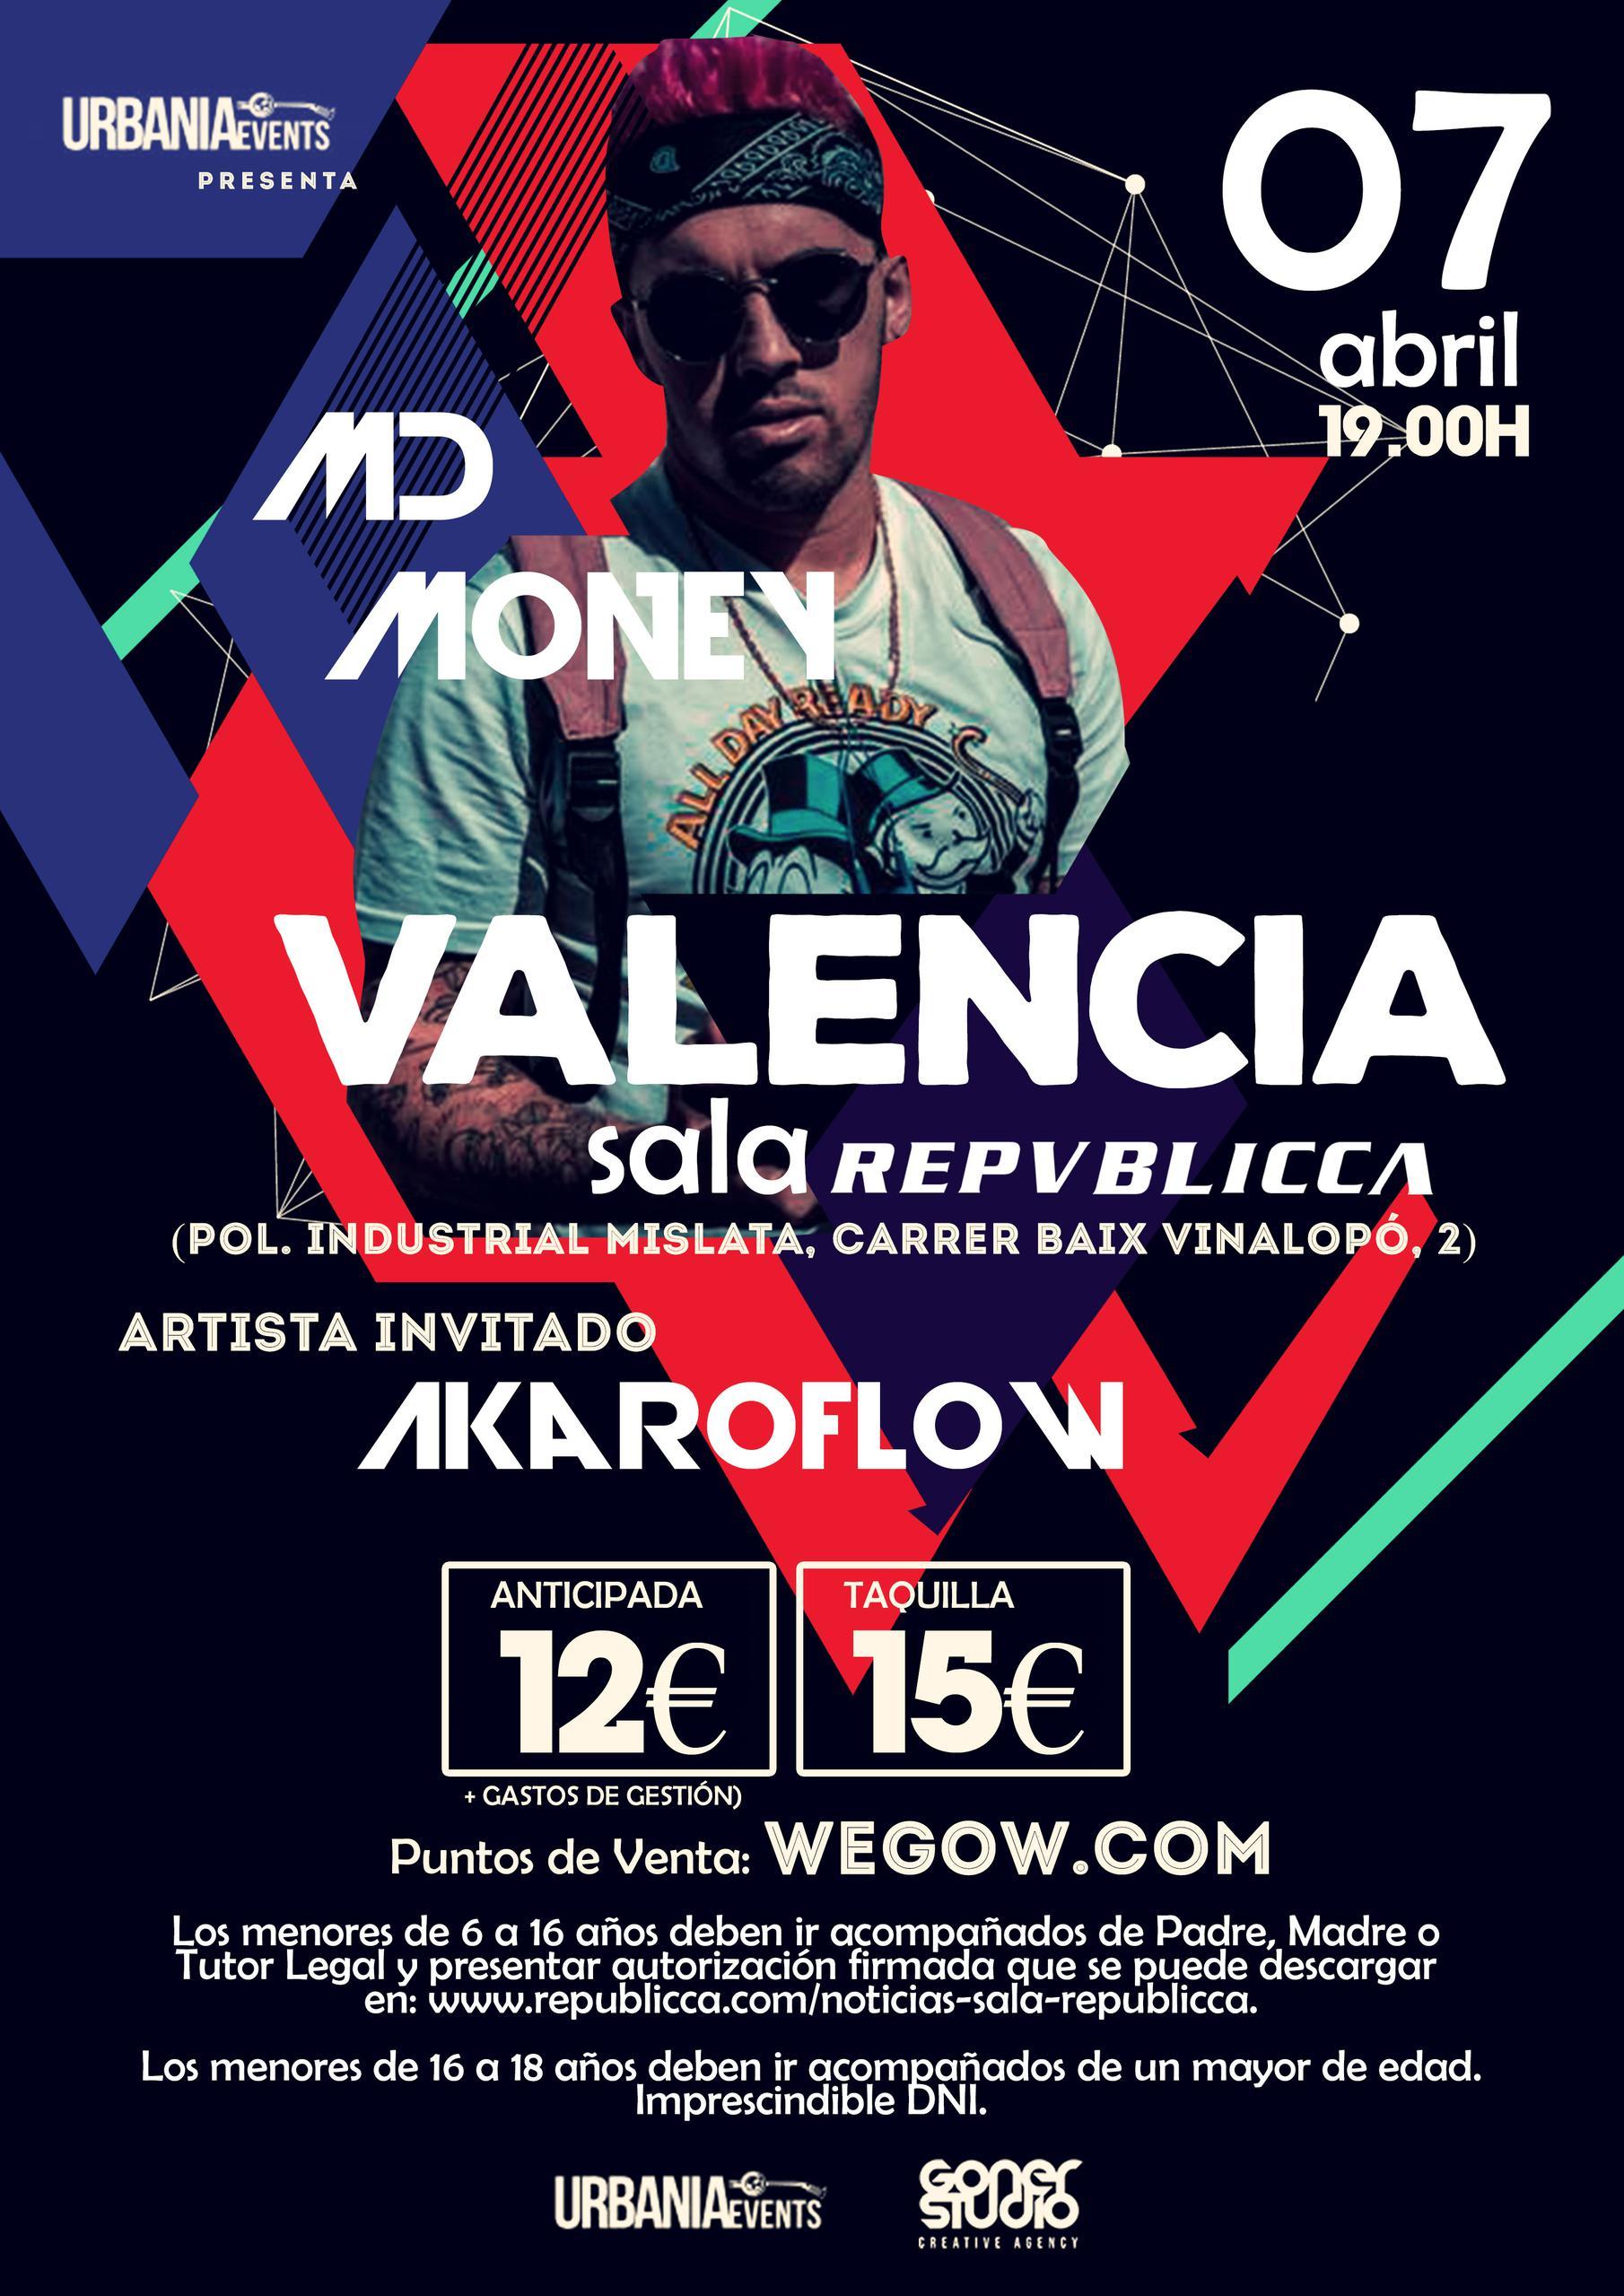 Concierto de MdMoney en la Sala Repvblicca de Valencia